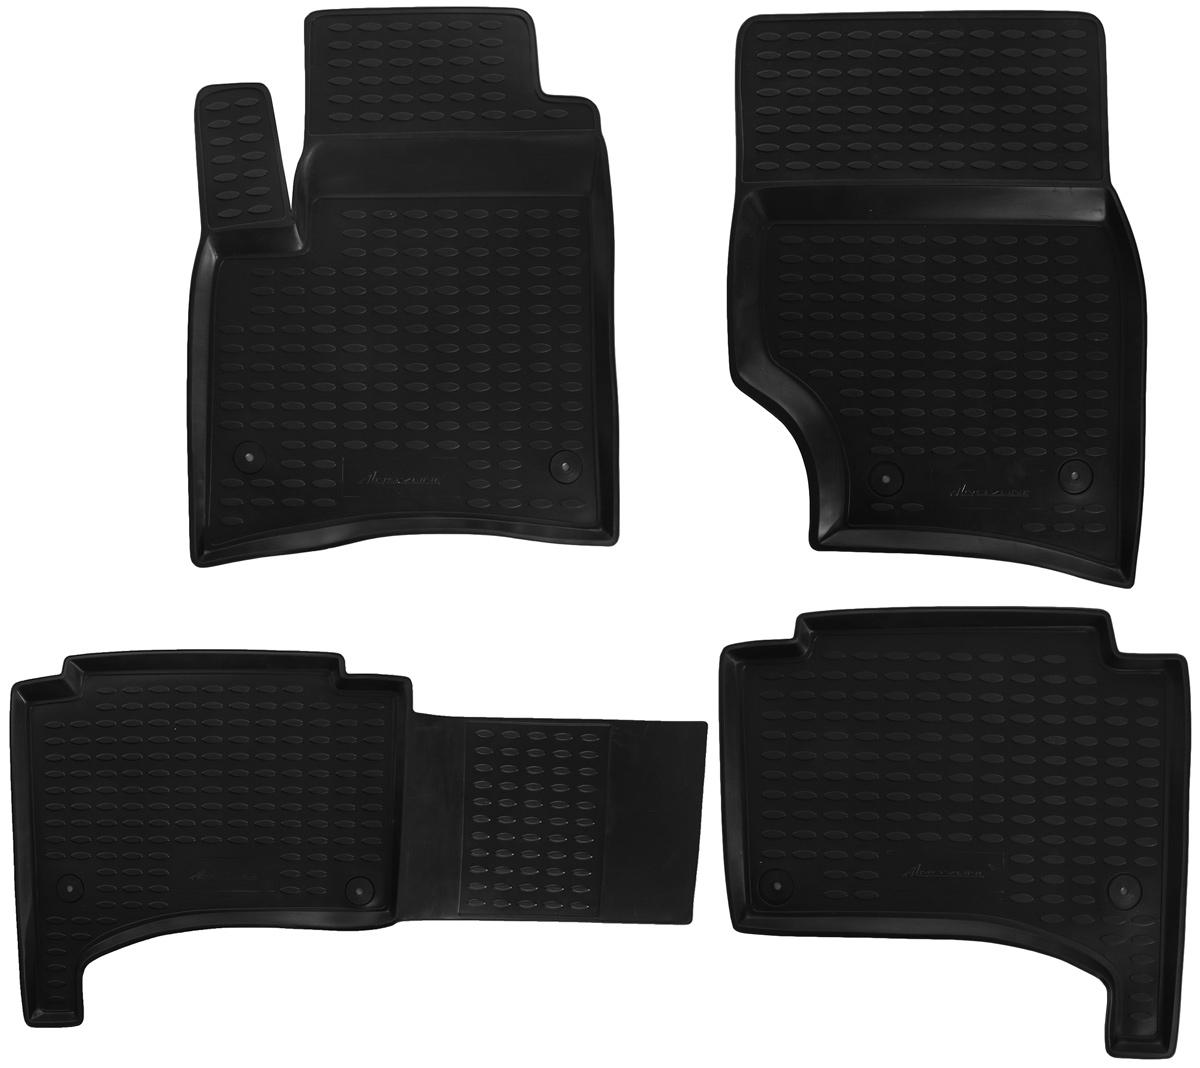 Набор автомобильных ковриков Novline-Autofamily для Volkswagen Touareg 10/2002-2010, в салон, цвет: черный, 4 штNLC.51.01.210kНабор автомобильных ковриков Novline-Autofamily, изготовленный из полиуретана, состоит из 4 ковриков, которые учитывают все особенности каждой модели автомобиля и полностью повторяют контуры пола. Полиуретановые автомобильные коврики для салона произведены из высококачественного материала, который держит форму, прочный и не пачкает обувь. Коврики в салон не только улучшат внешний вид салона вашего автомобиля, но и надежно уберегут его от пыли, грязи и сырости, а значит, защитят кузов от коррозии. Полиуретановые коврики для автомобиля гладкие, приятные и не пропускают влагу. Коврики имеют антискользящую поверхность, что очень важно во время движения. Чистятся коврики очень просто: как при помощи автомобильного пылесоса, так и различными моющими средствами. Набор подходит для Volkswagen Touareg октябрь 2002 - 2010 годов выпуска.